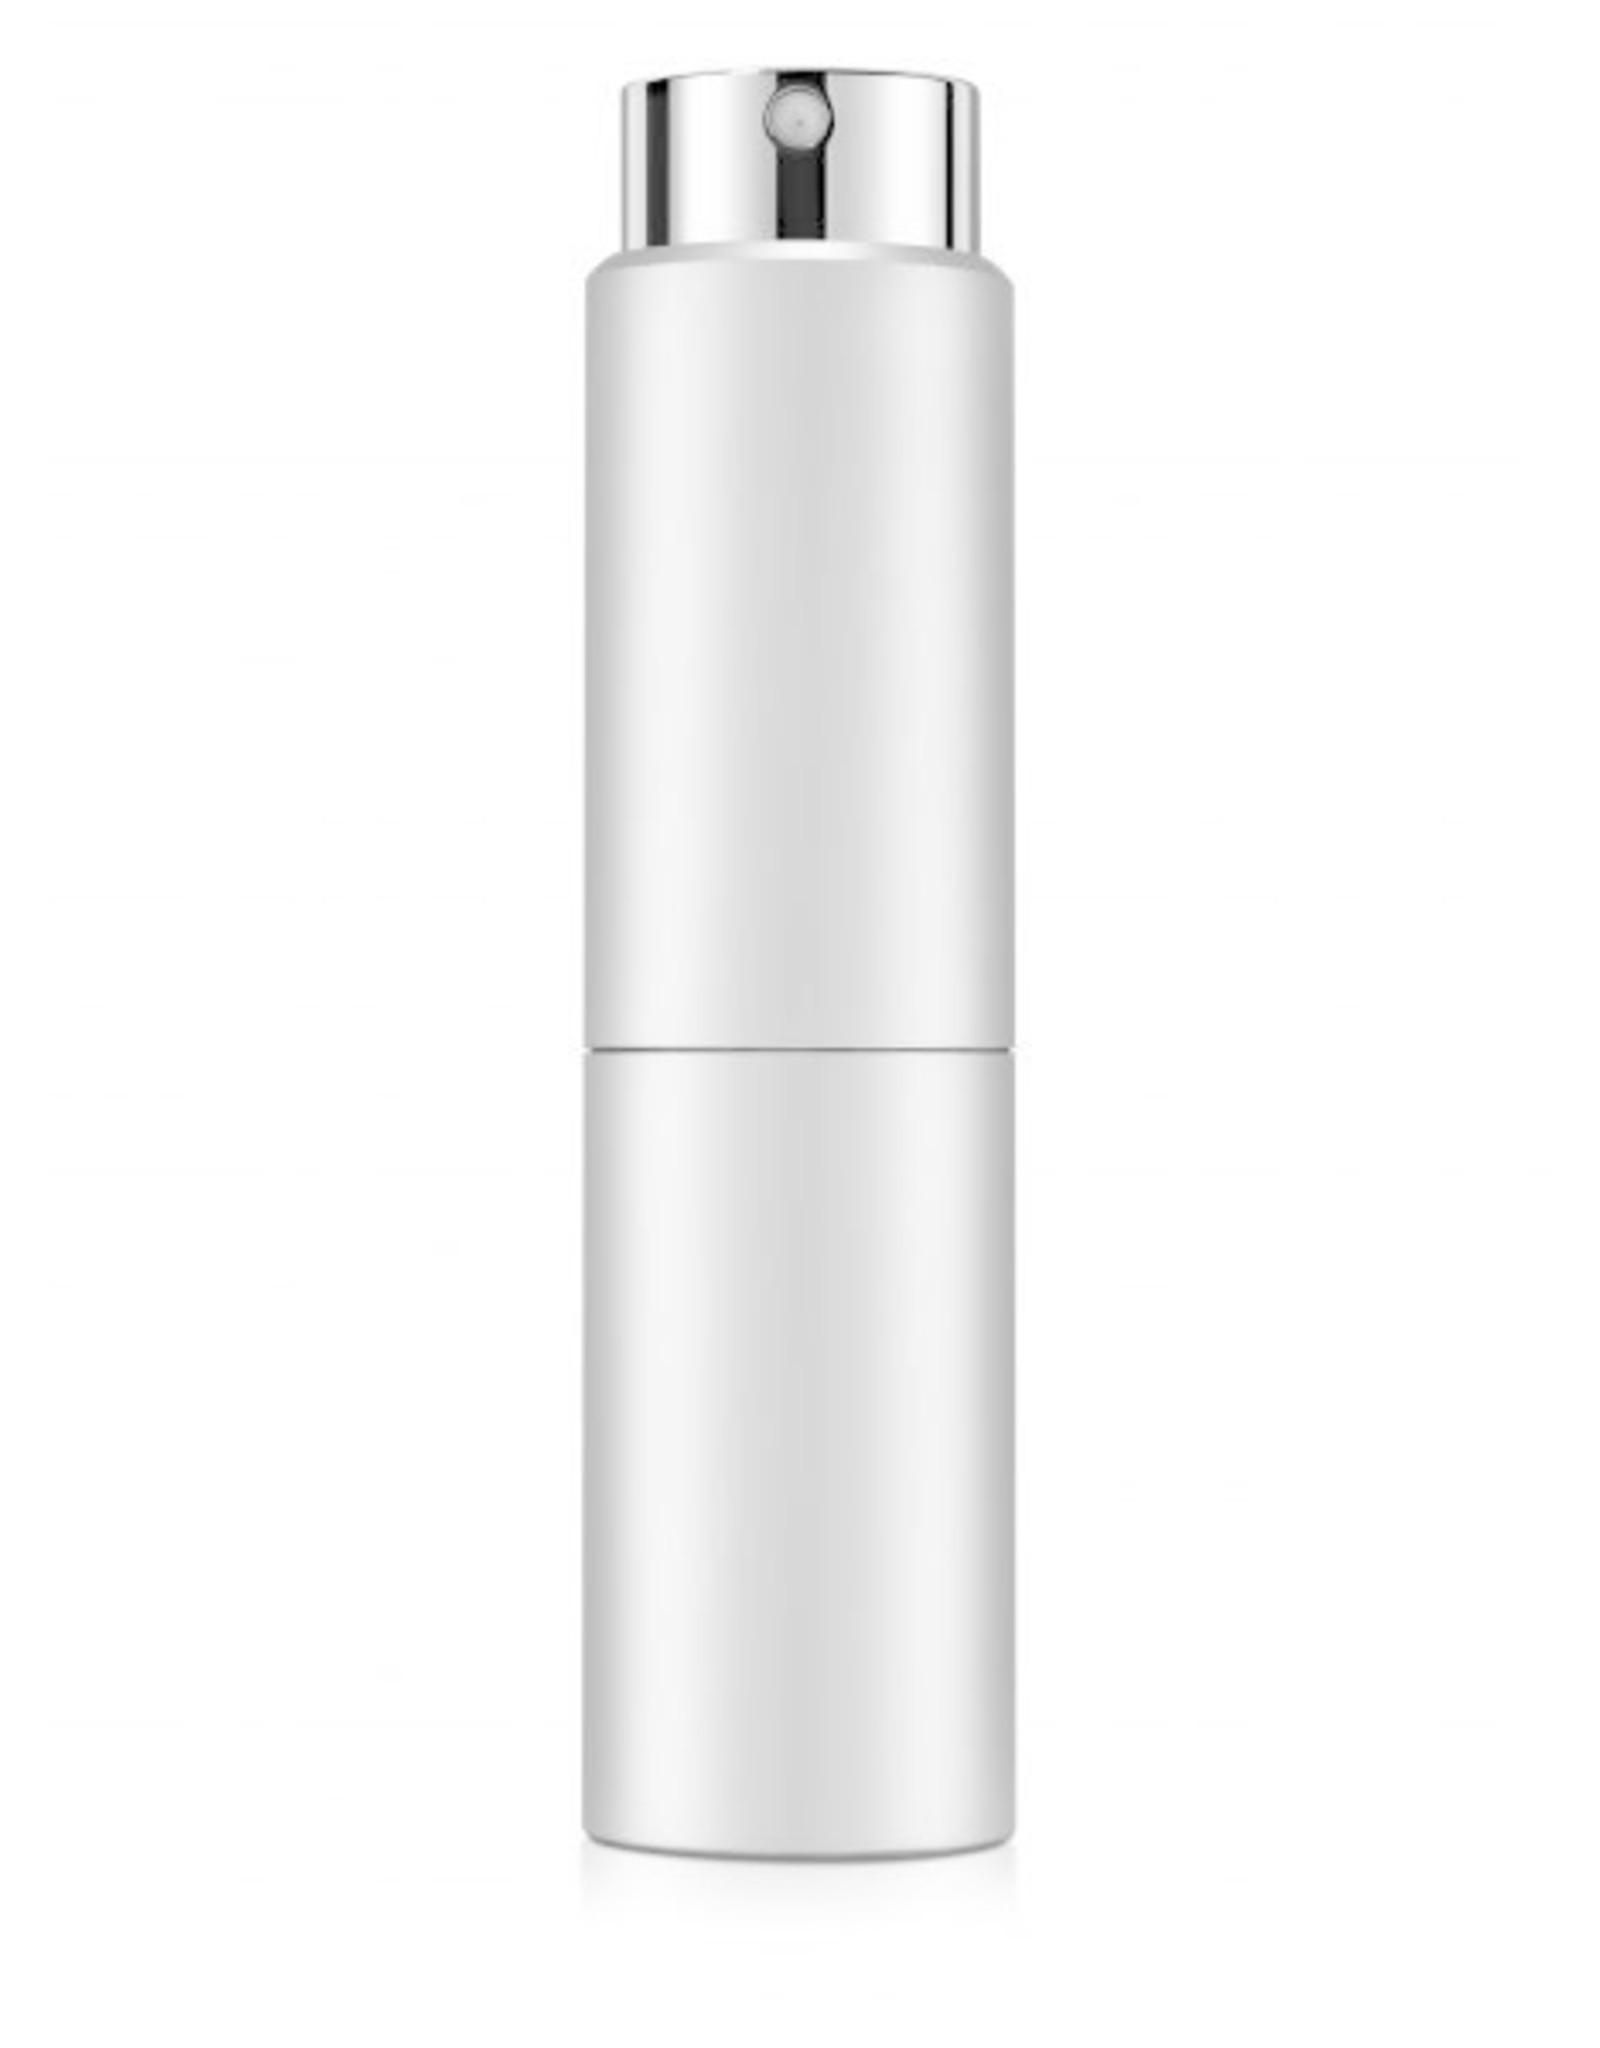 Equivalenza Silver Perfume Atomizer - 15ml